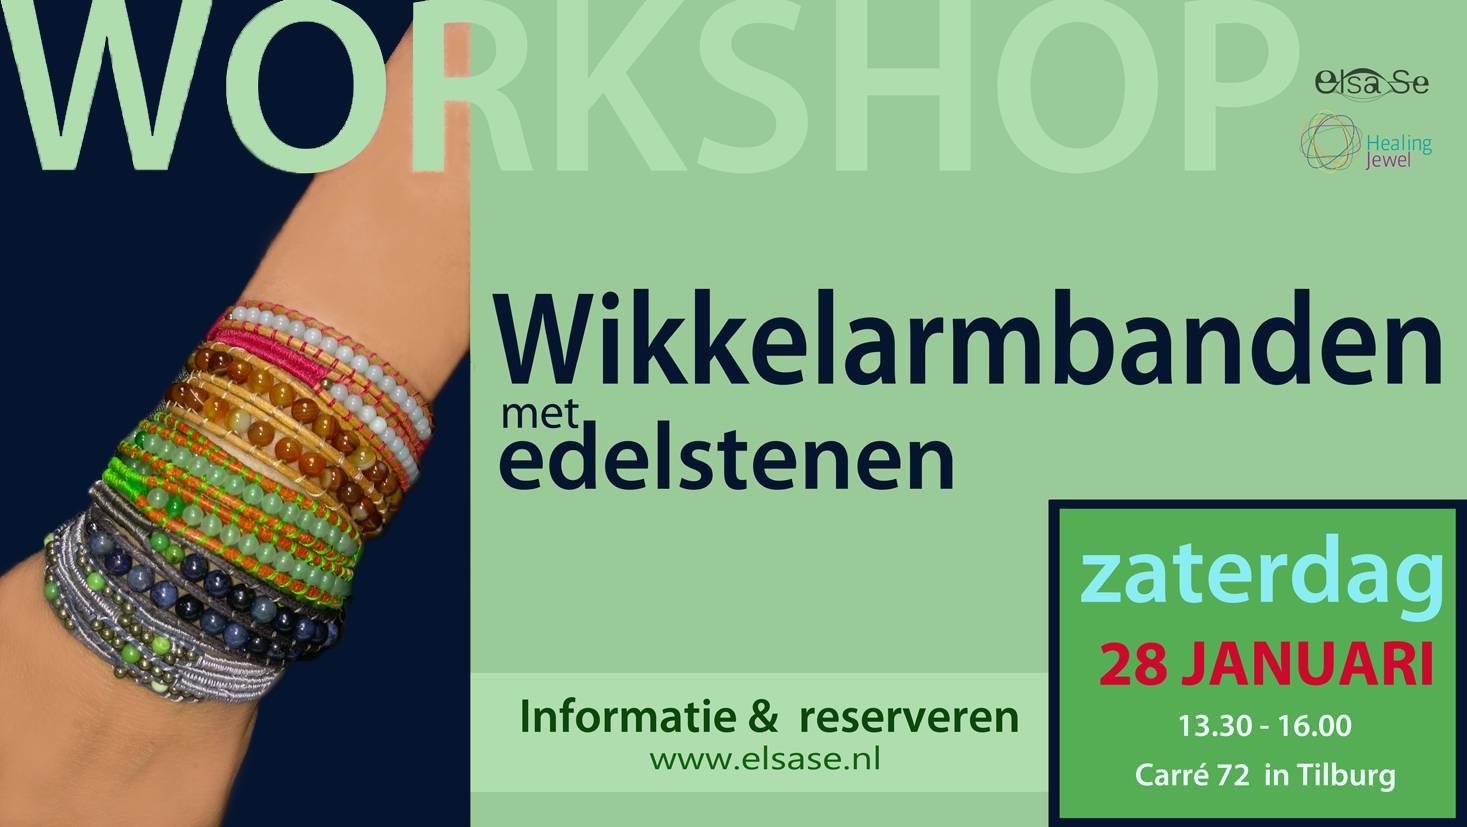 Workshop wikkelarmbanden